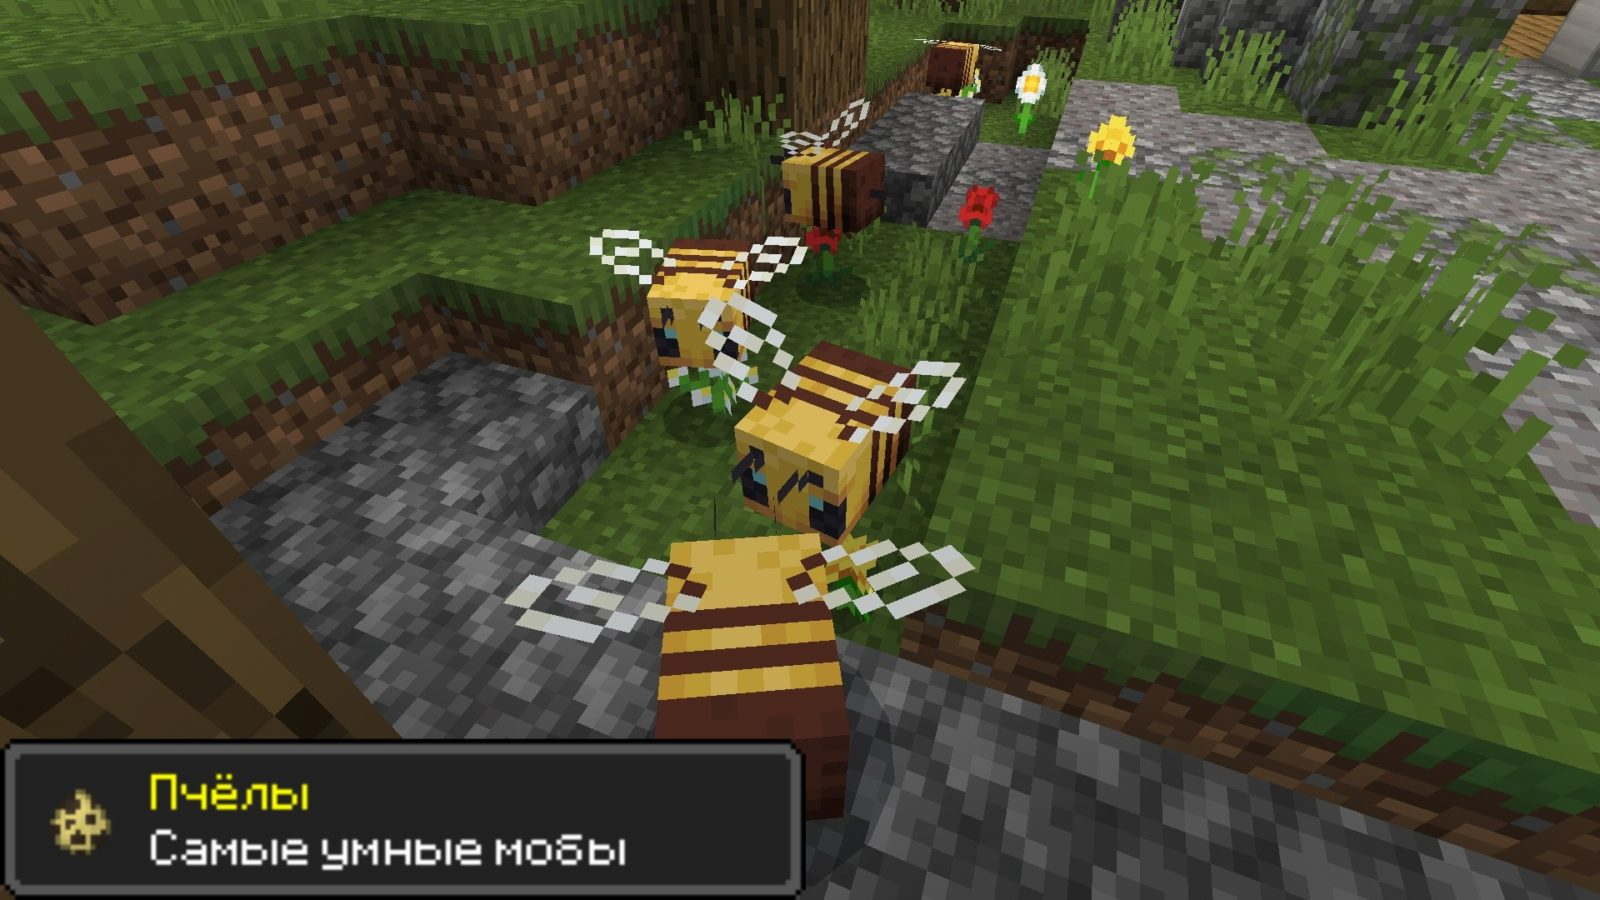 Phely Minecraft PE 1.14.25.1